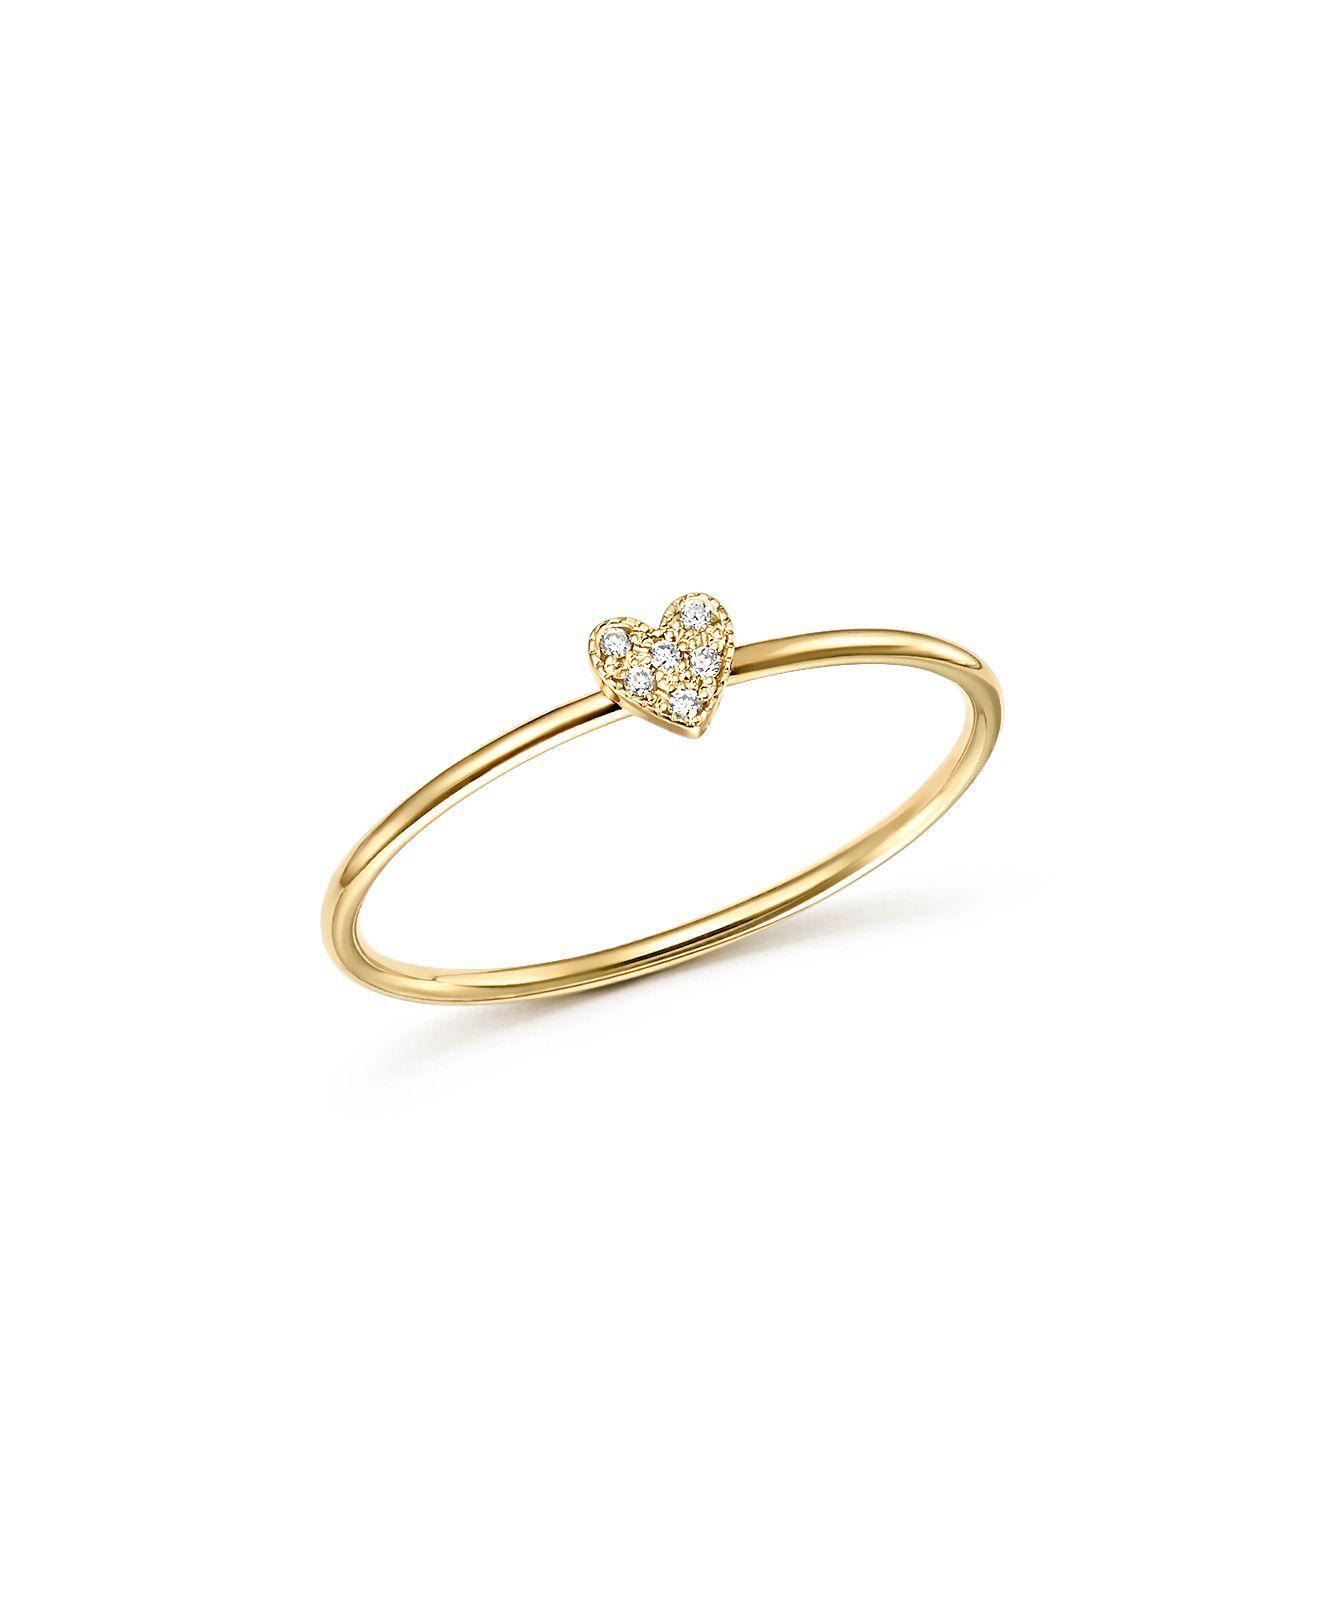 Zoë Chicco 14k Prong Diamond Wrap Ring J7KmHQ